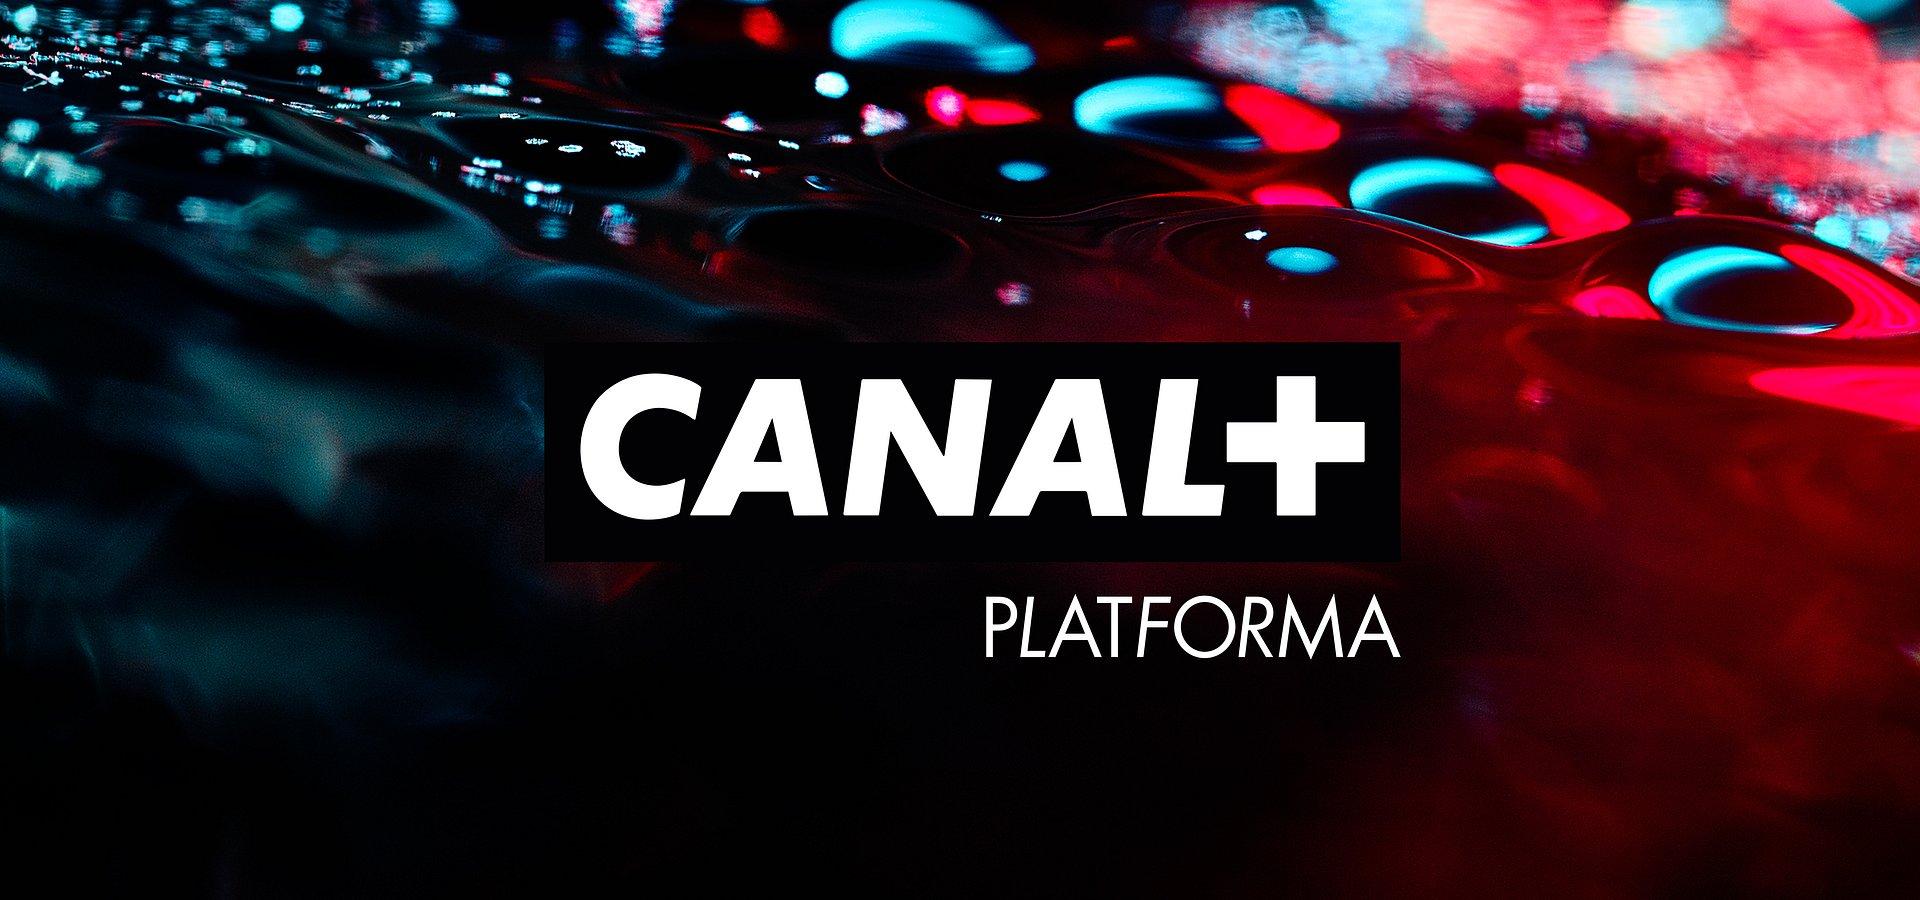 Nc+ zmienia się w Platformę CANAL+